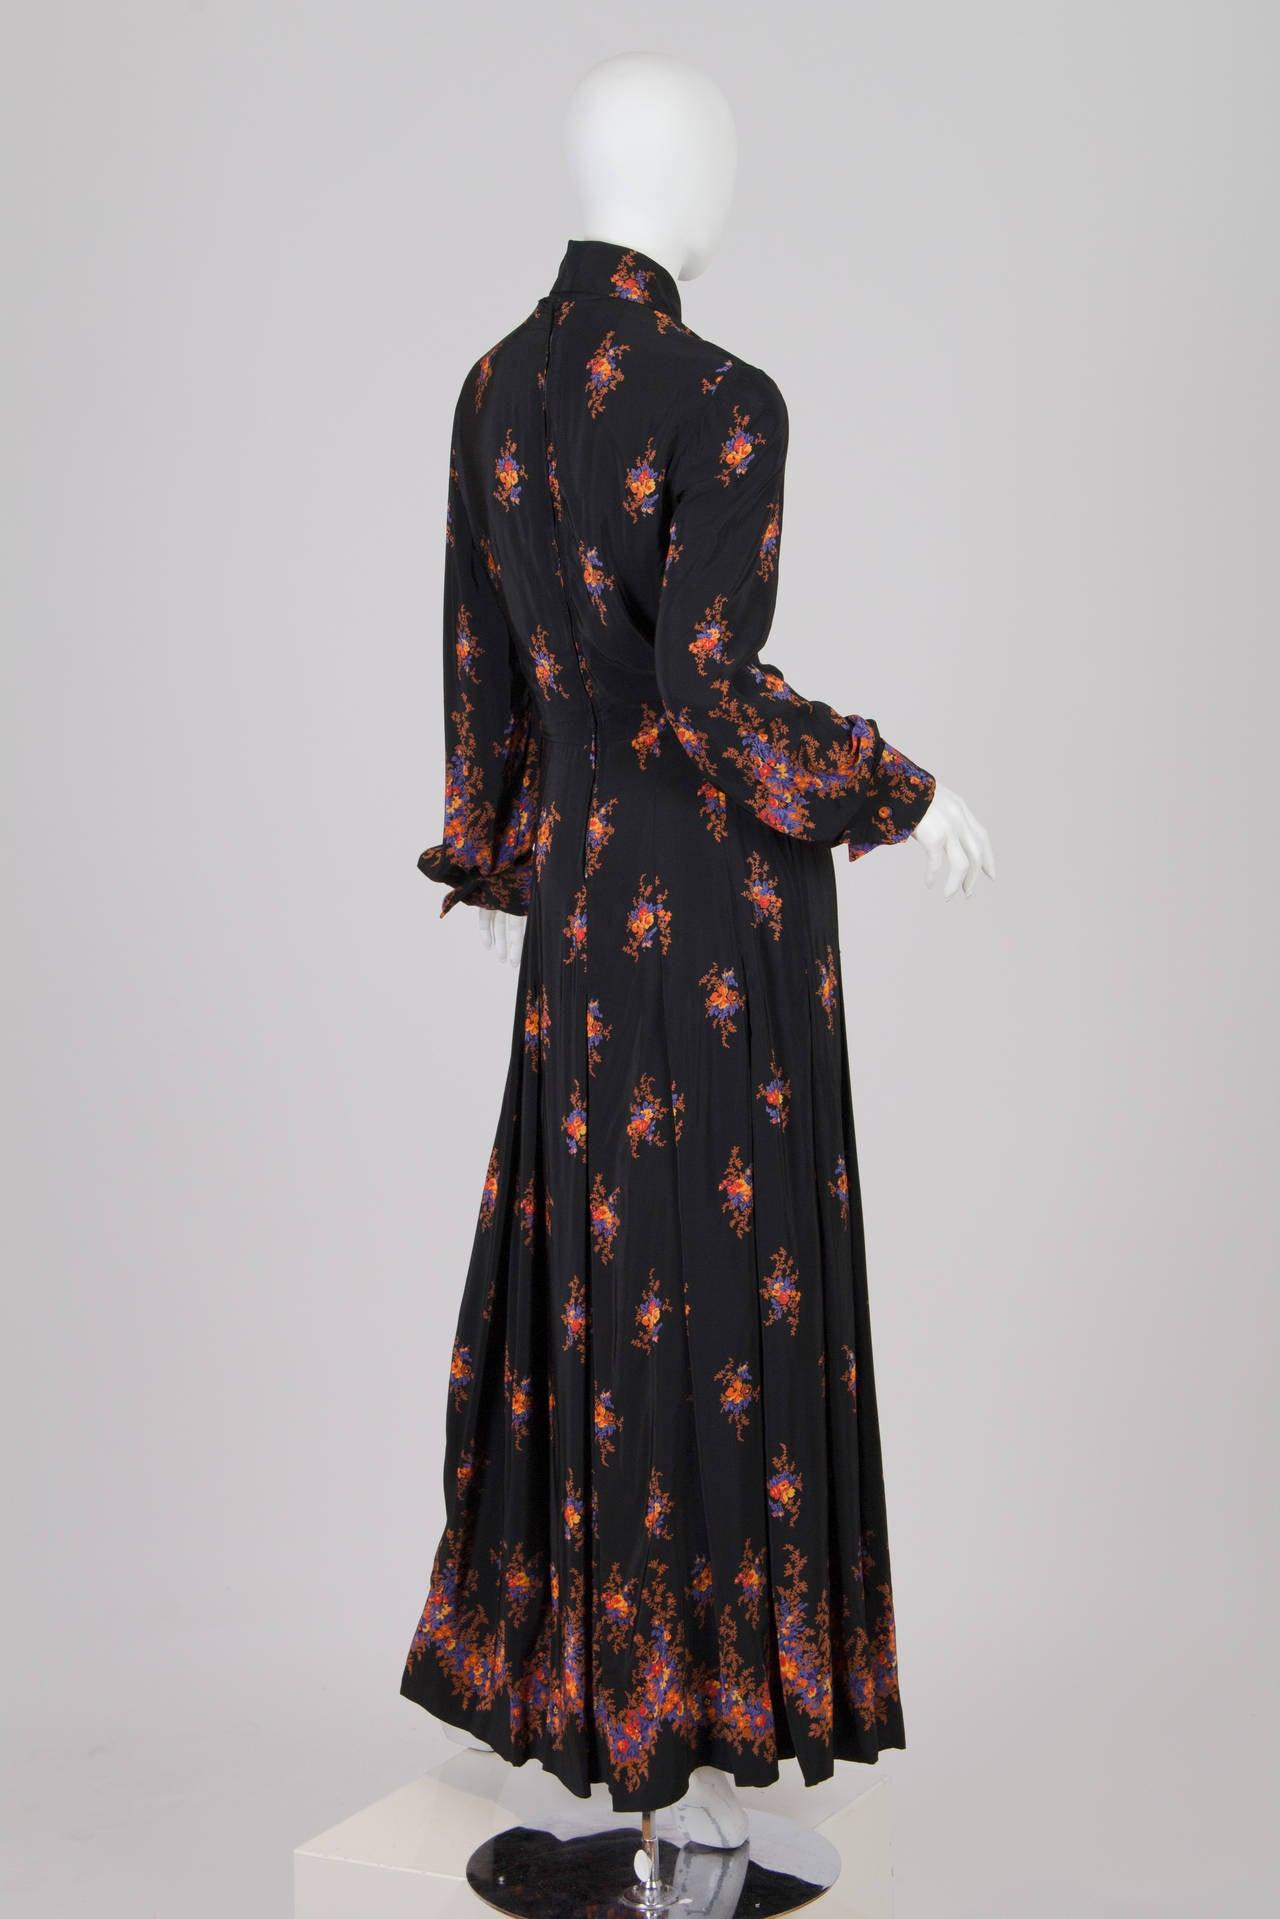 Valentino 1970s Nouveau Victorian Floral Dress 4